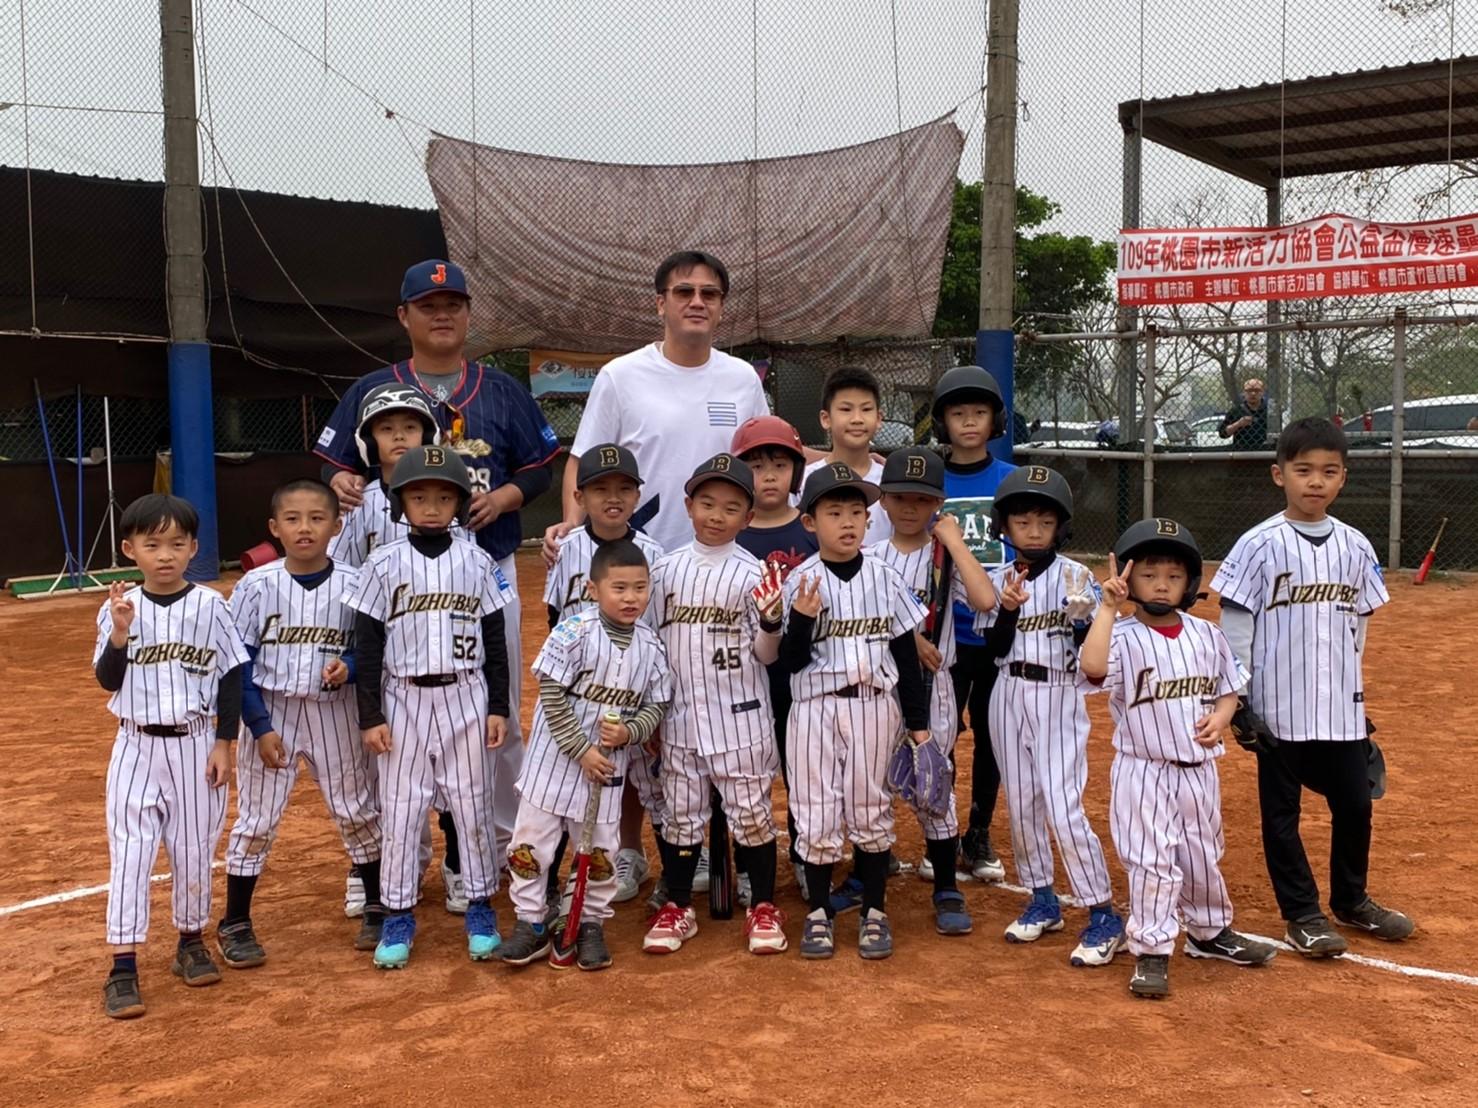 前美國職棒MLB投手曹錦輝拜訪協會關懷小選手